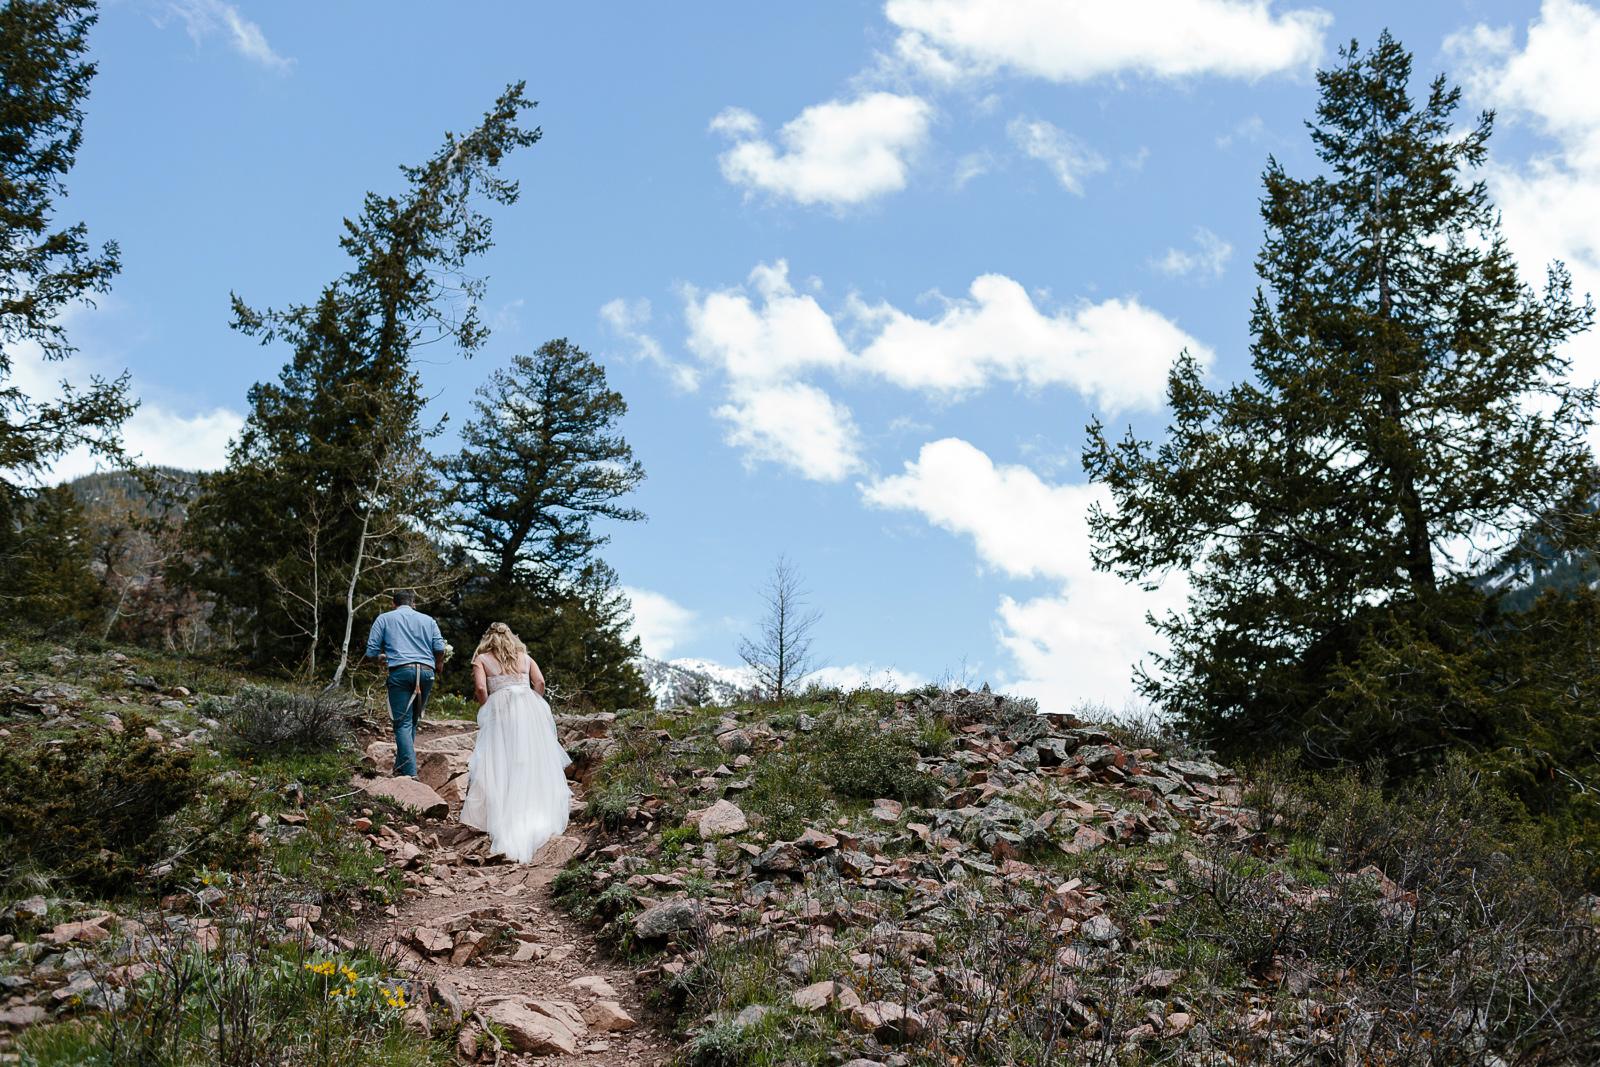 042-vail-elopement-photographer-chris-and-tara.jpg